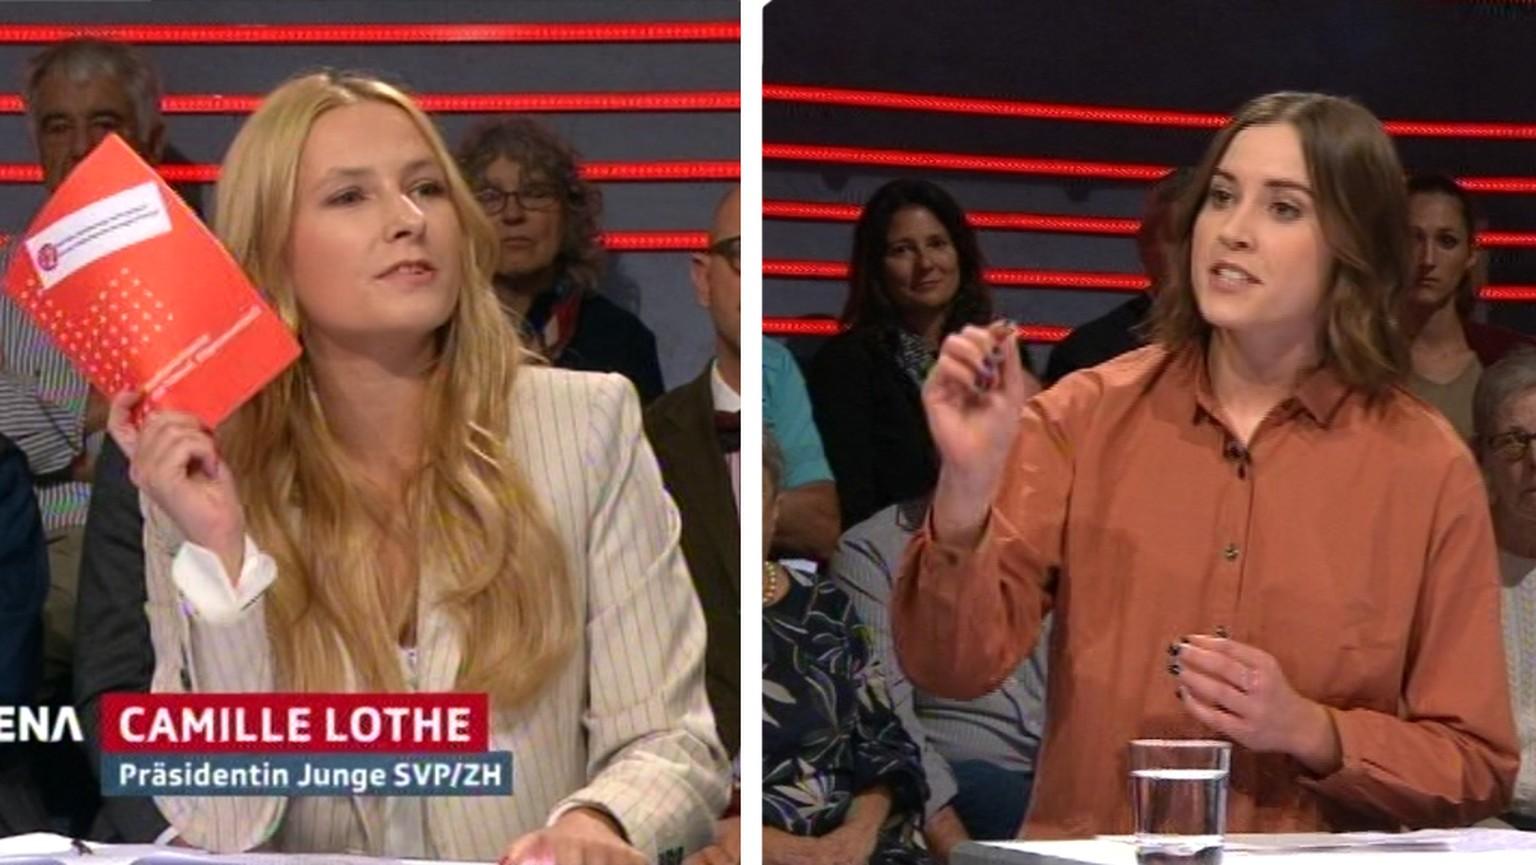 Private Frauen - Junge Frauen